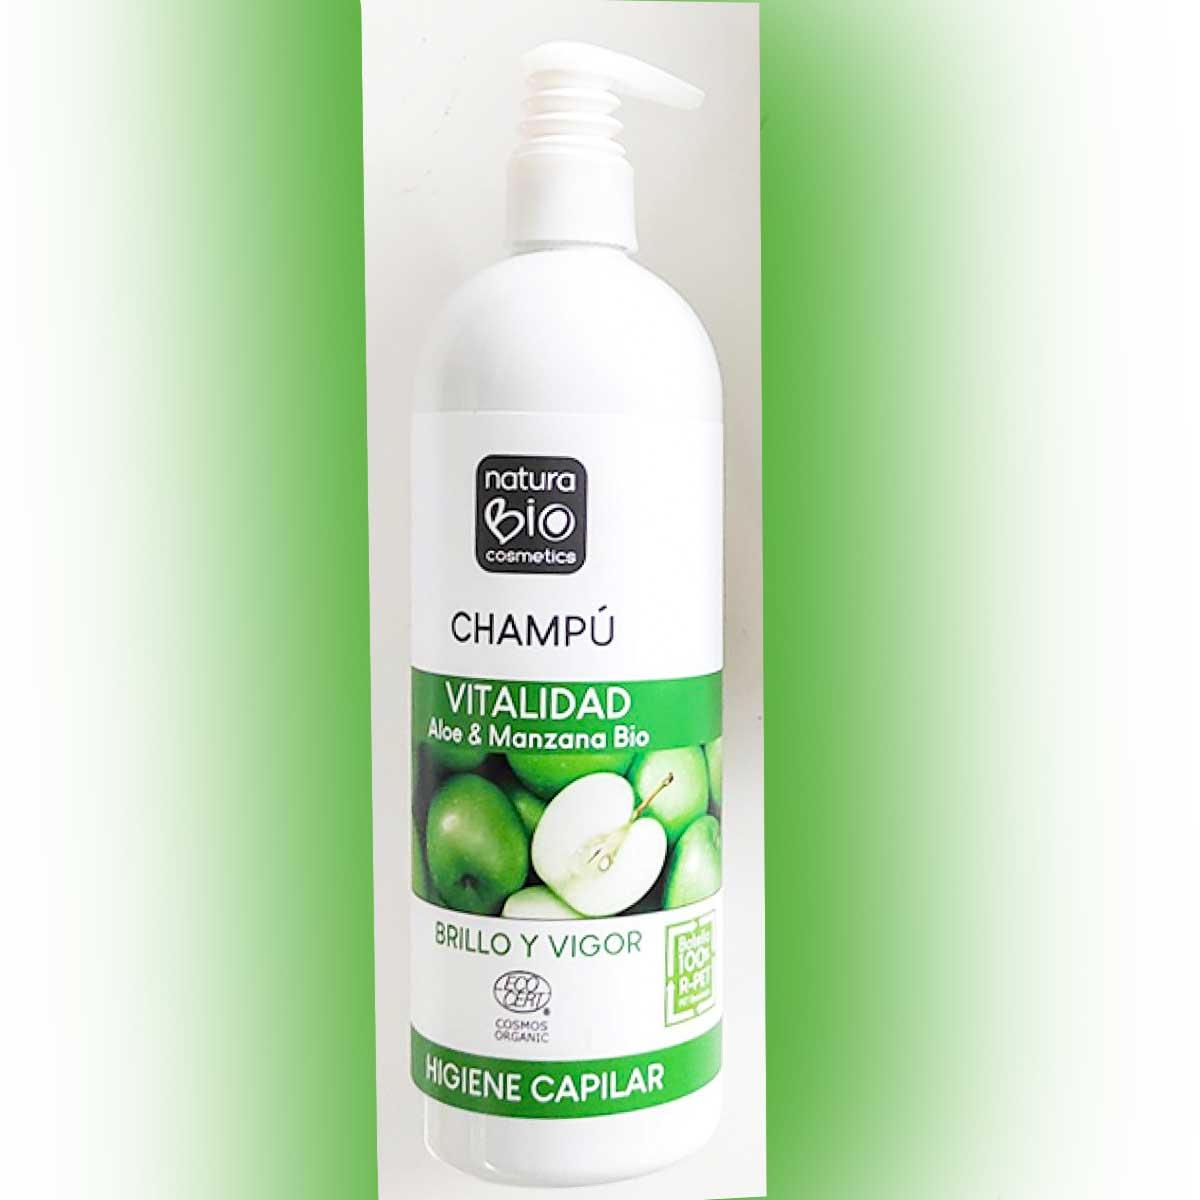 Champu Vitalidad Aloe Vera y Manzana NaturaBIO 740ml